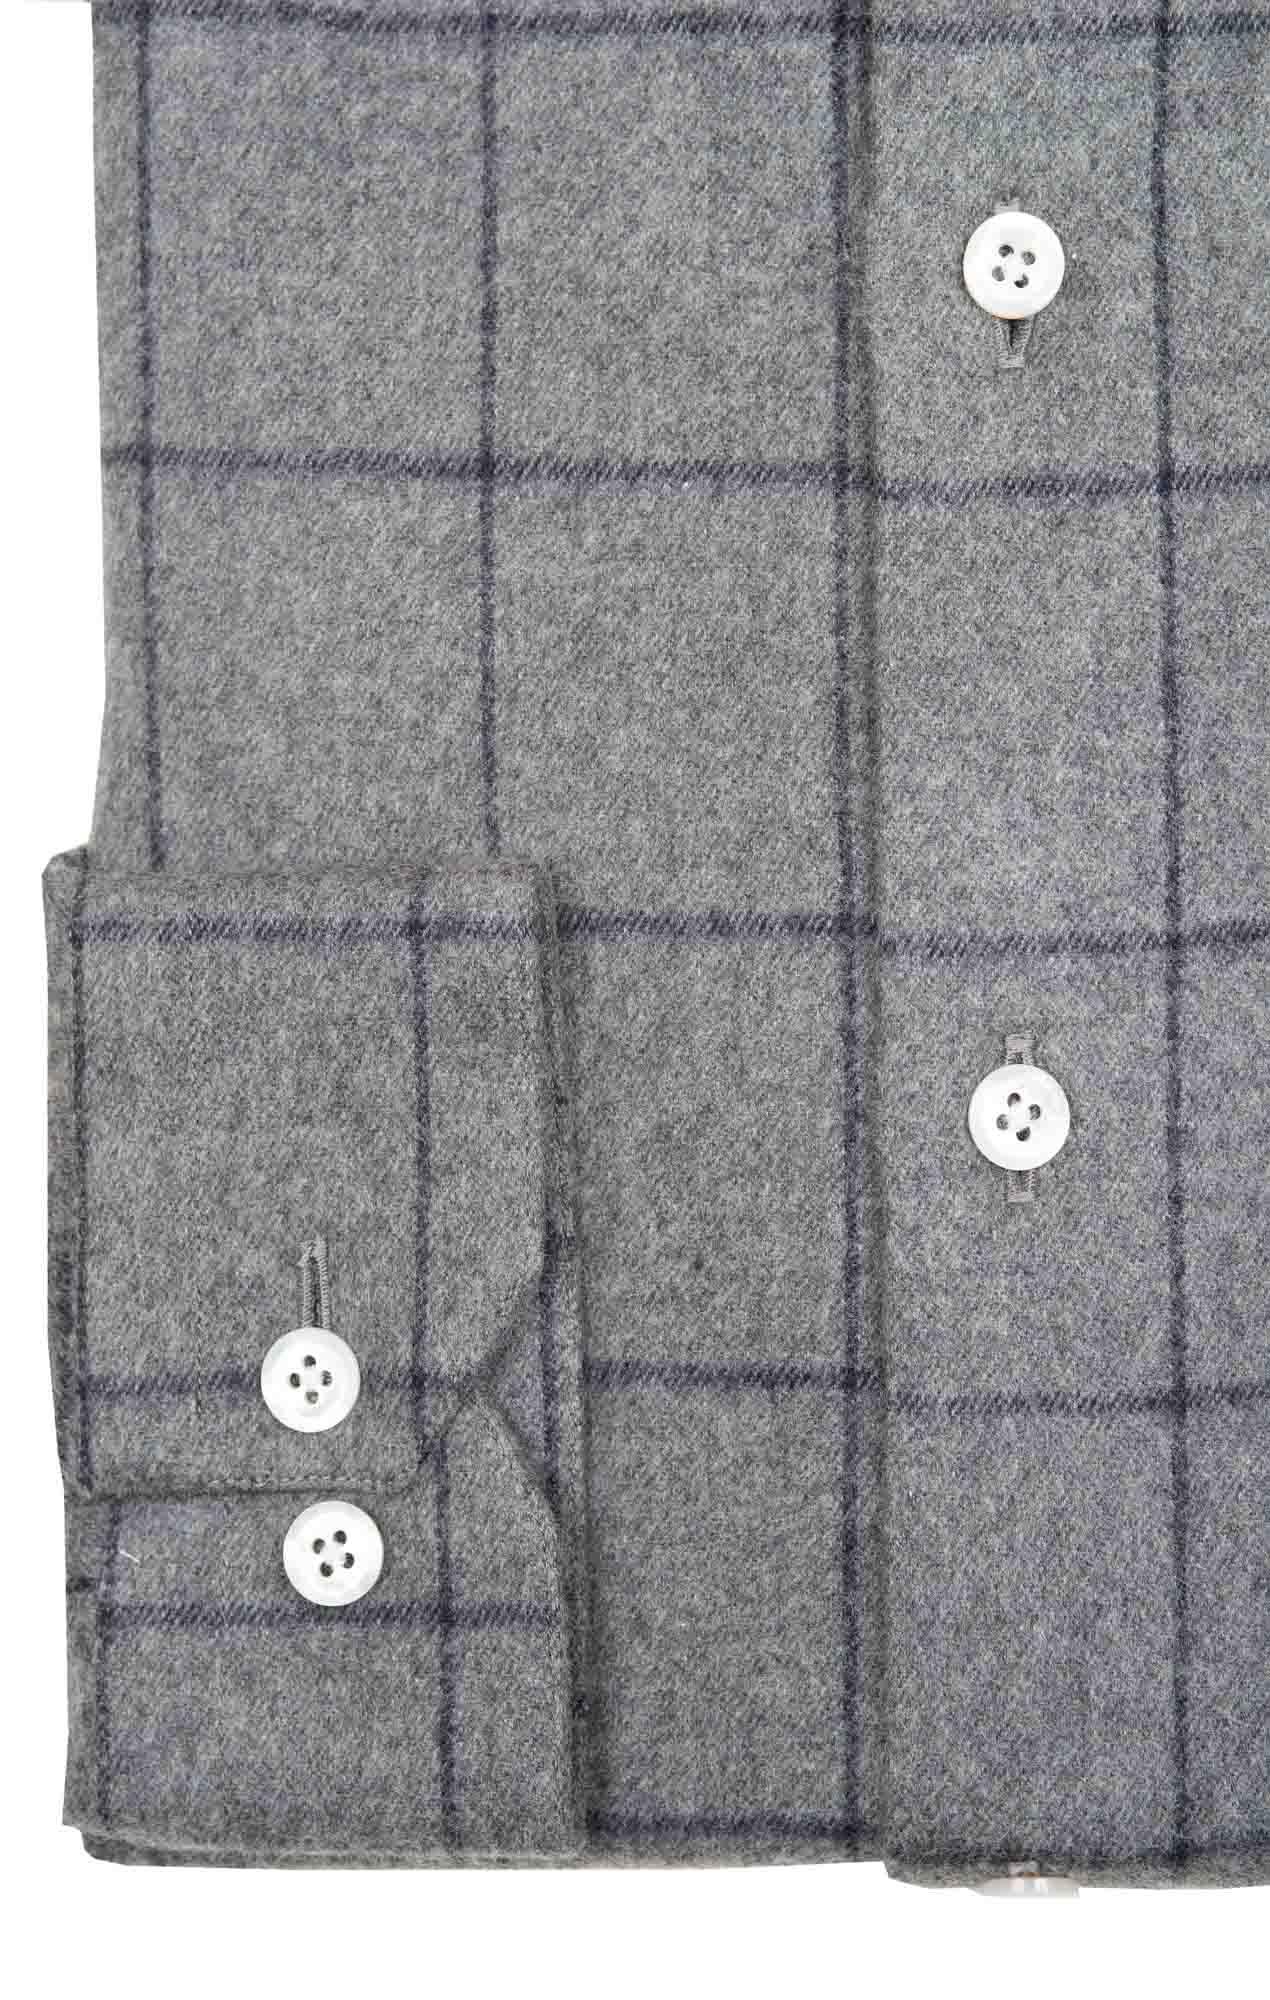 Chemise flanelle carreaux gris japonais Chemises Hommes